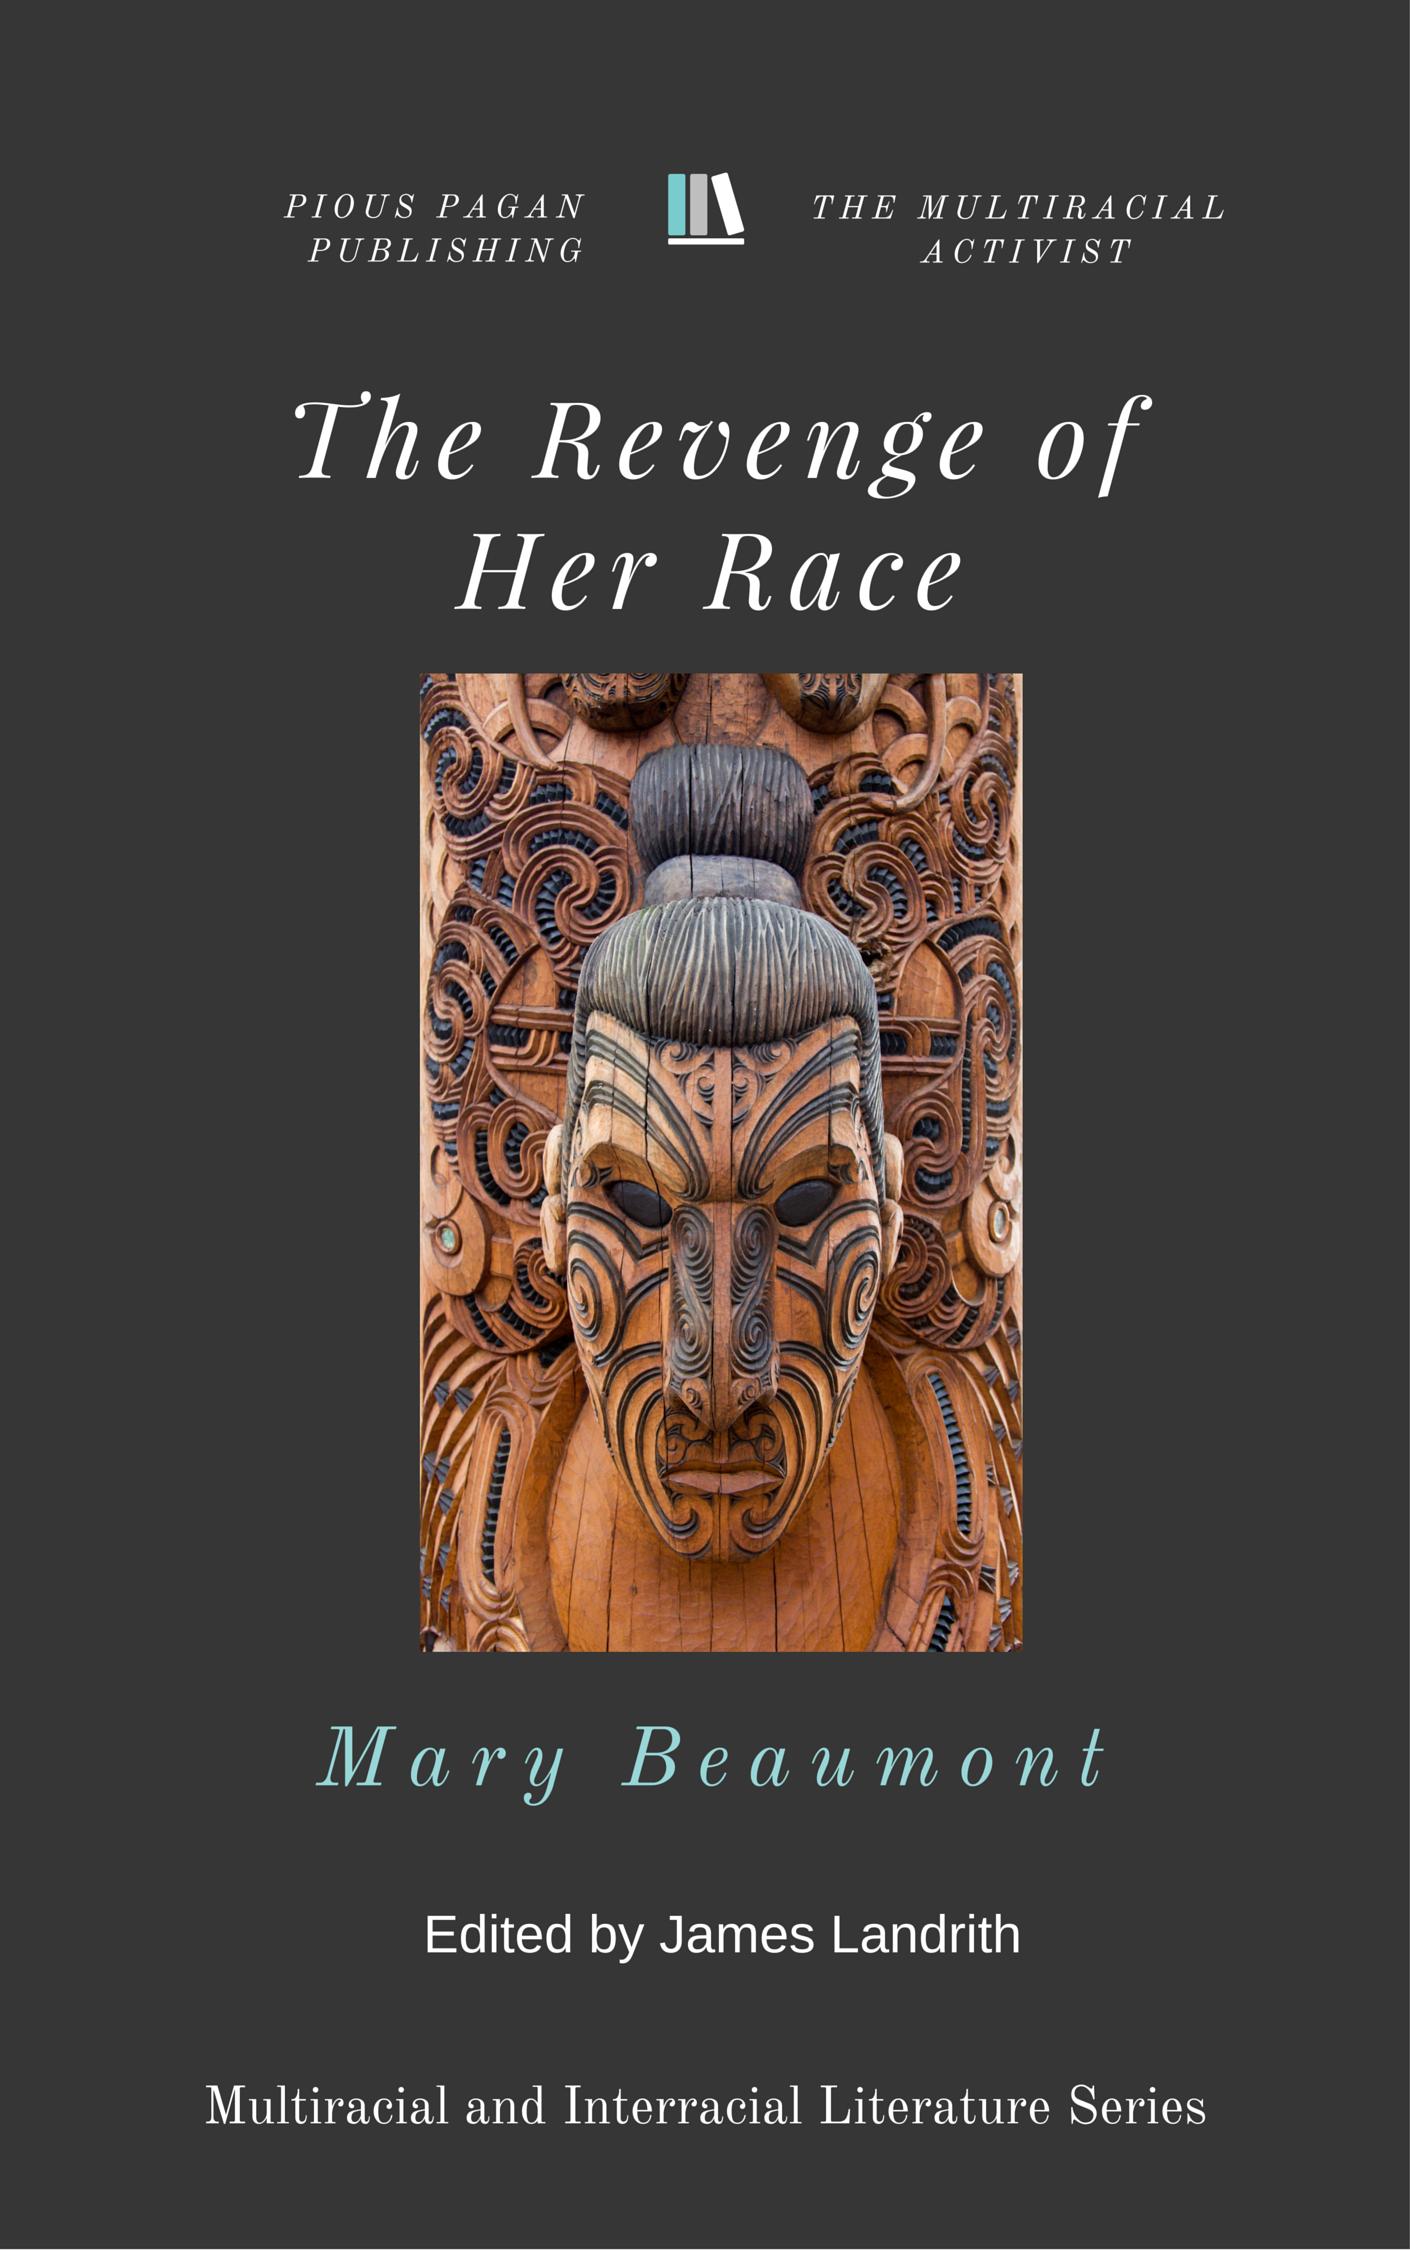 The Revenge of Her Race